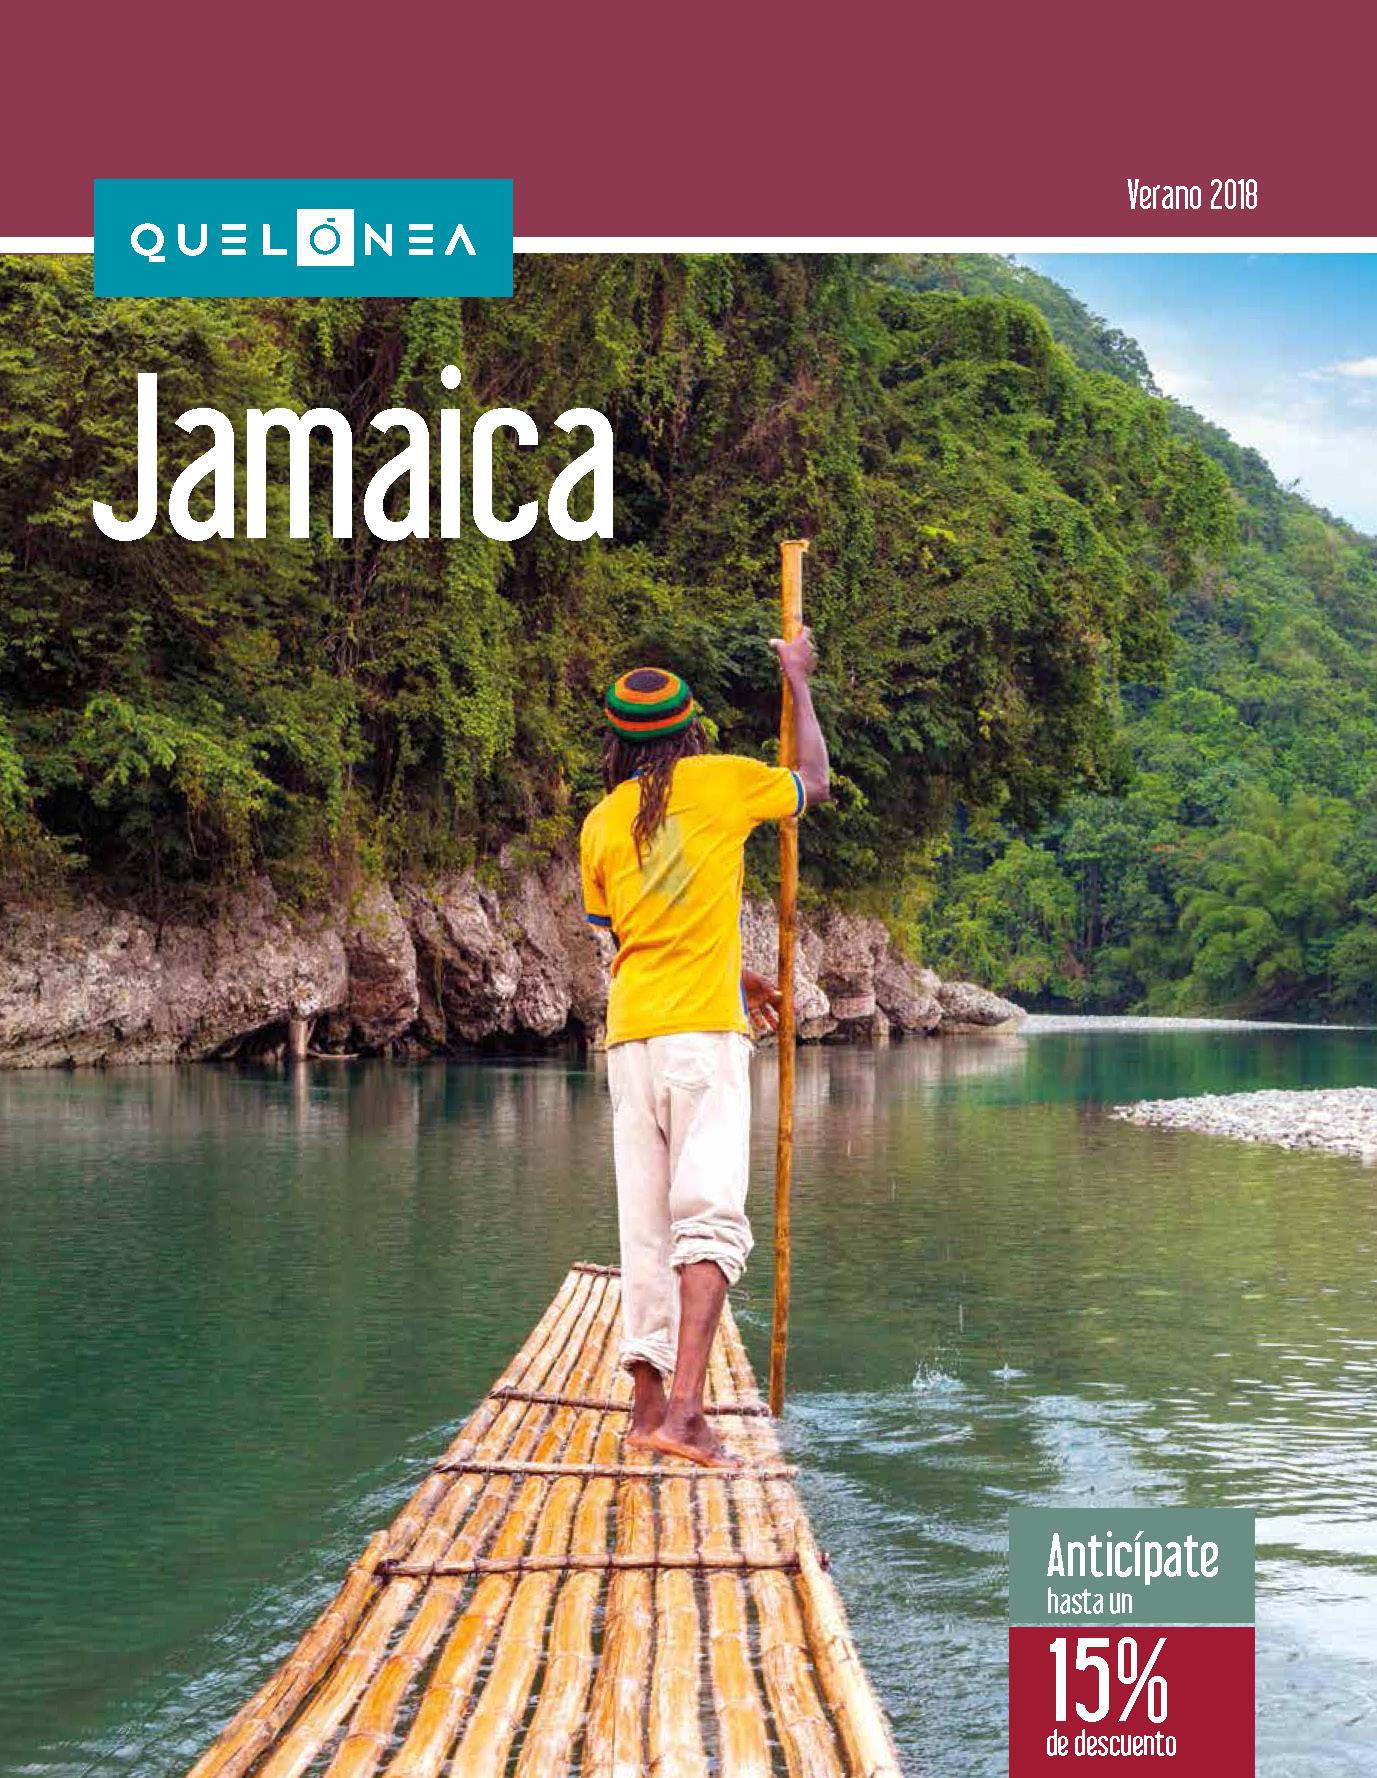 Catalogo Quelonea Jamaica Verano 2018